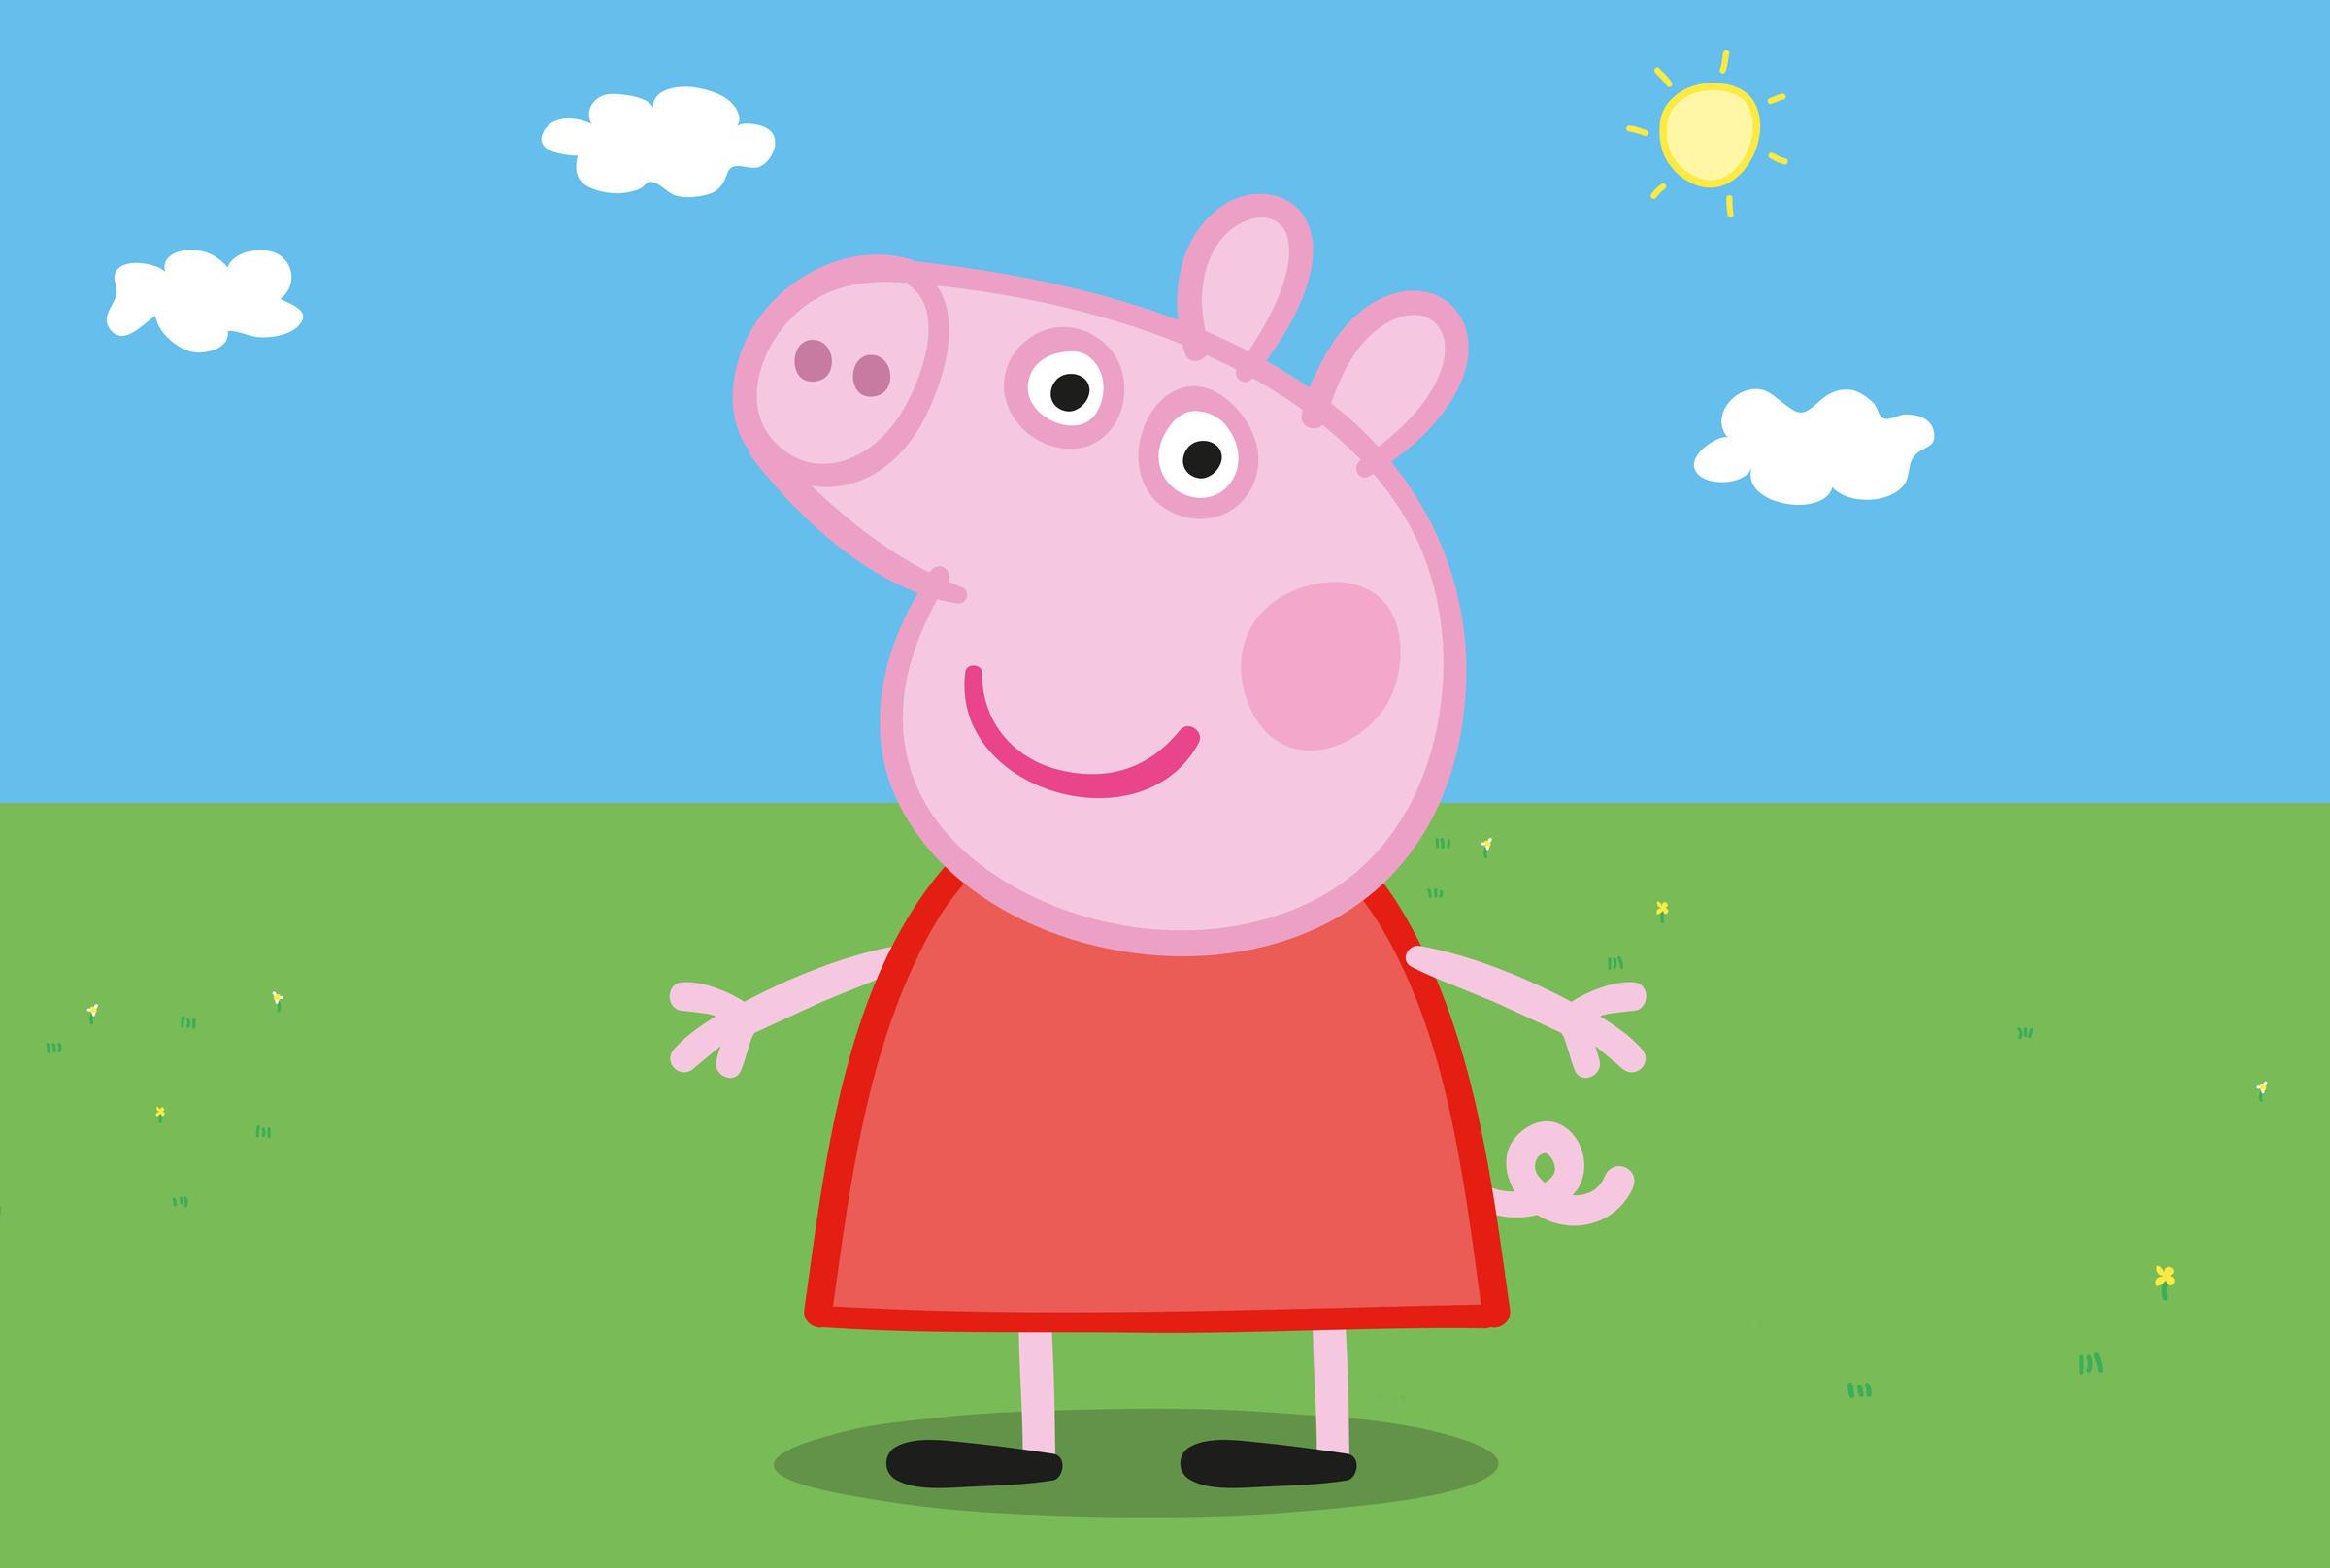 peppa pig-gallery